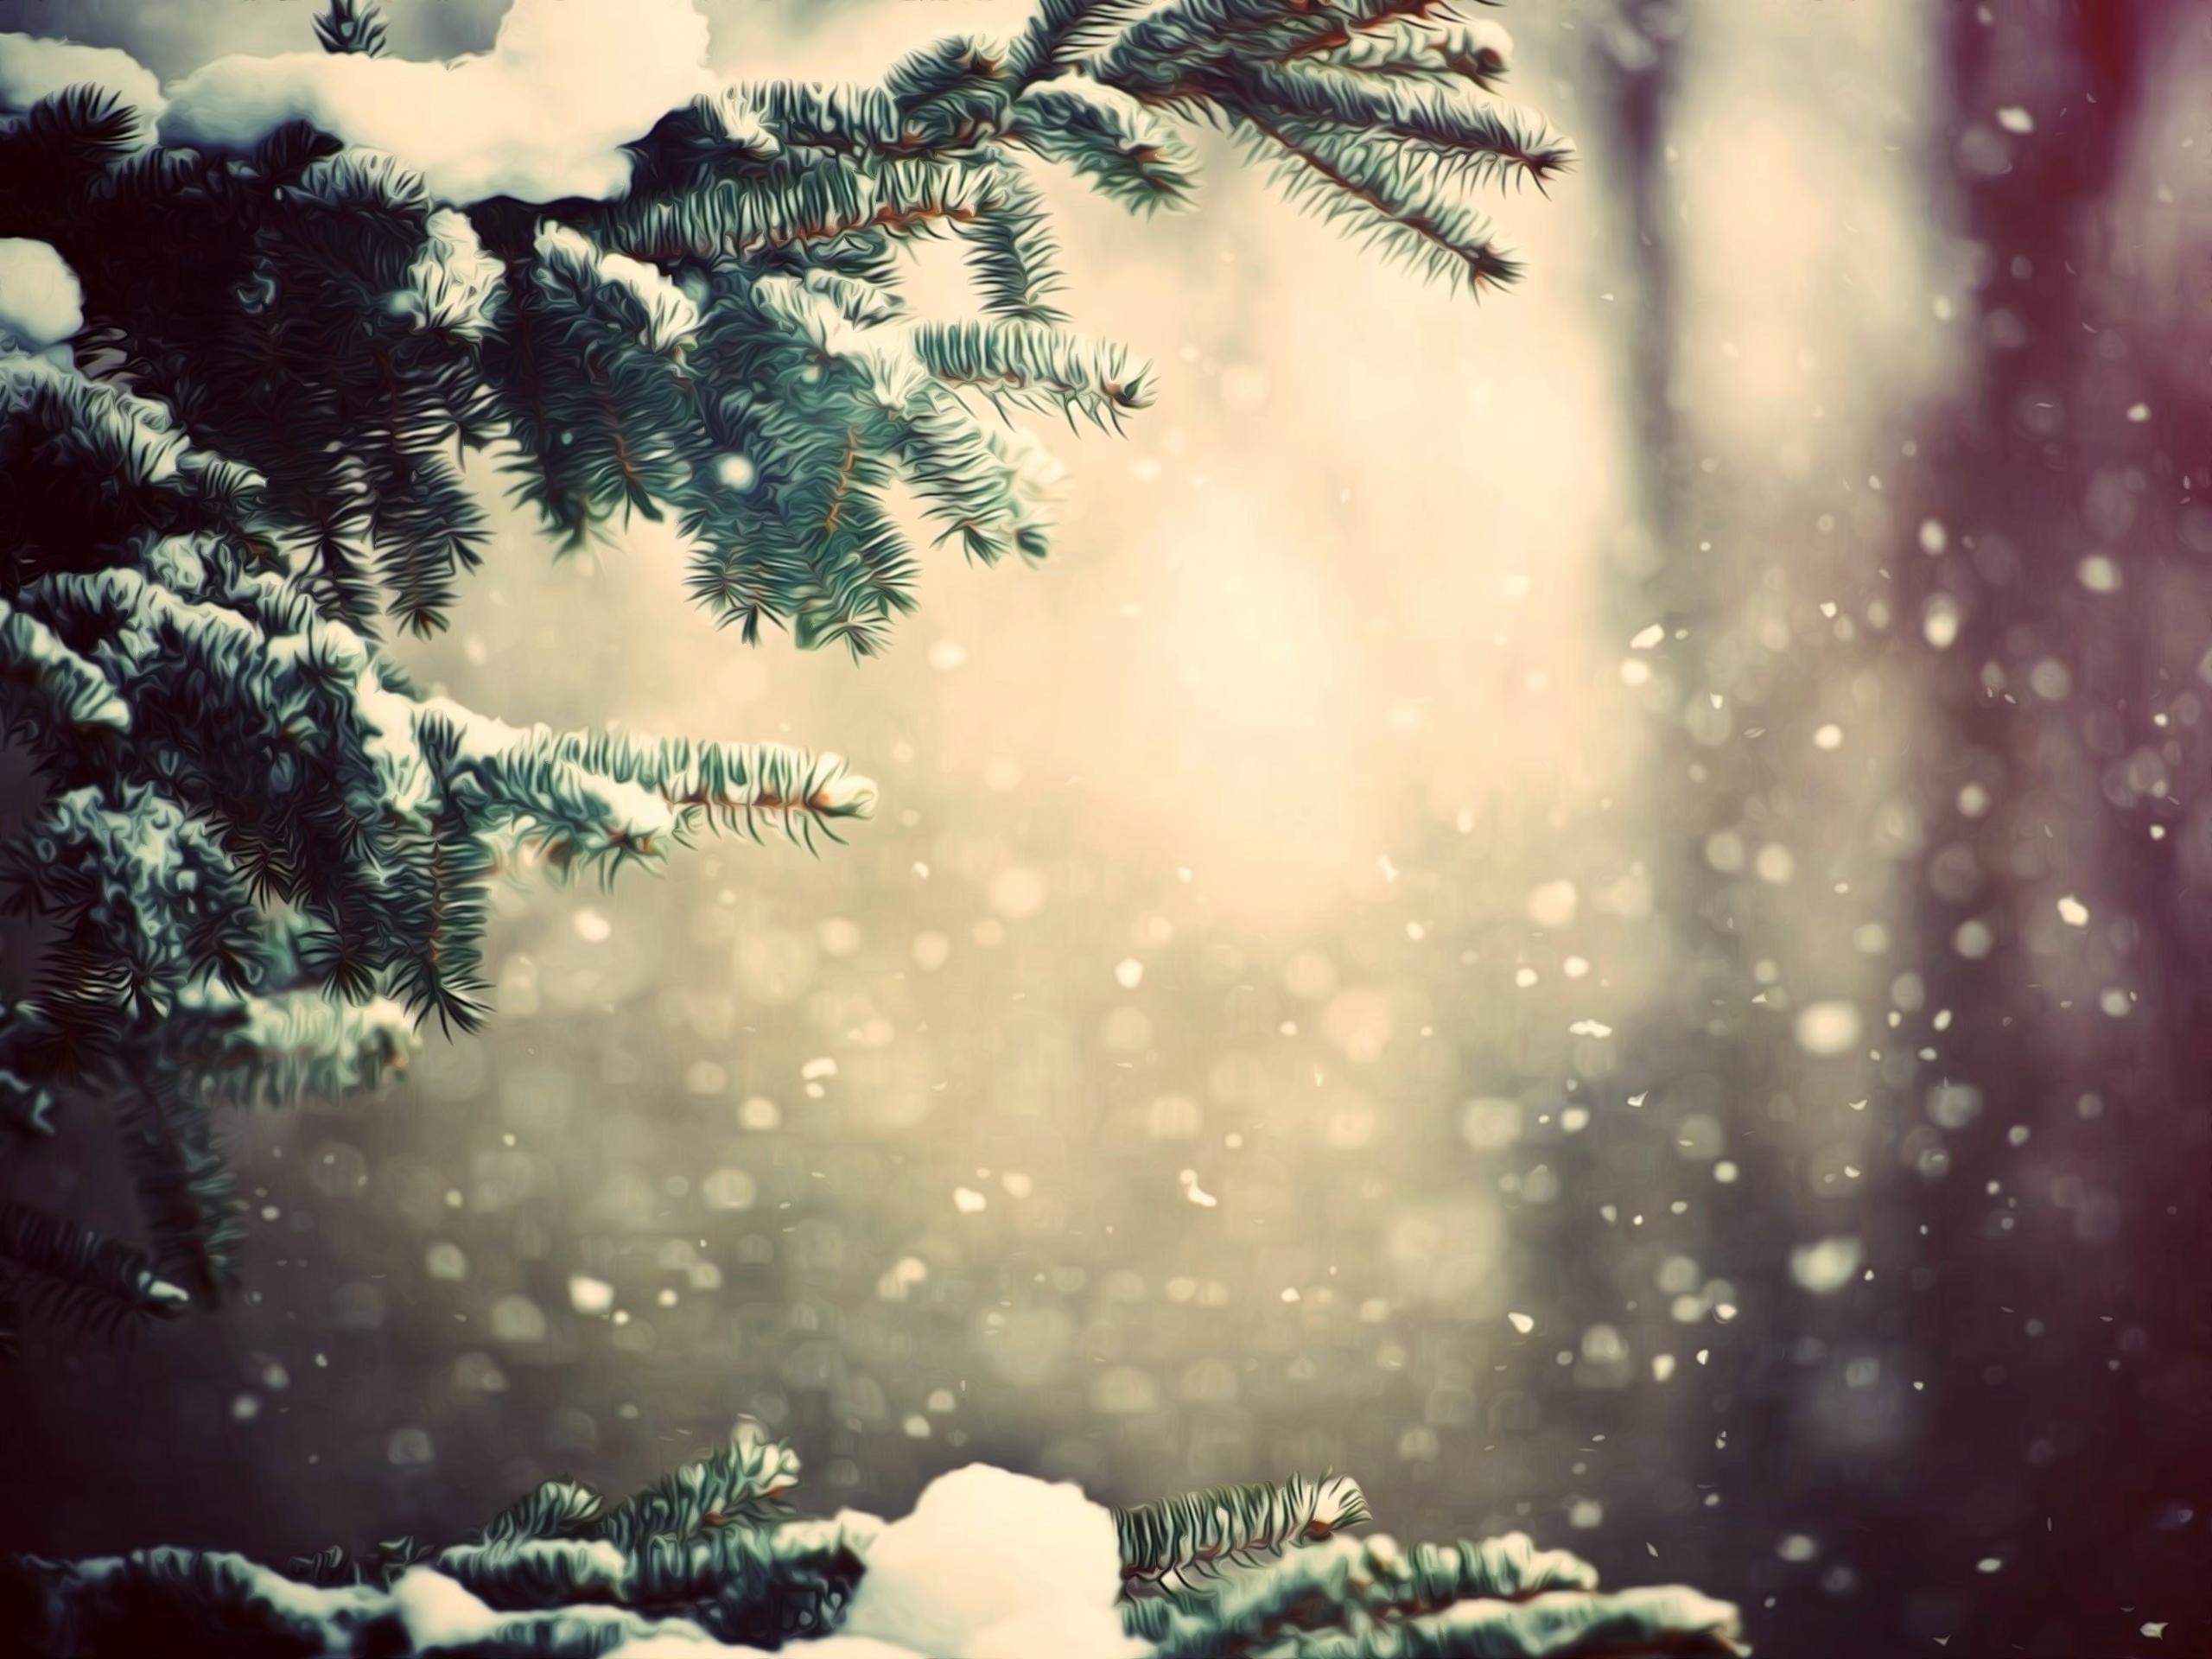 Трахнул зимой в горах 14 фотография